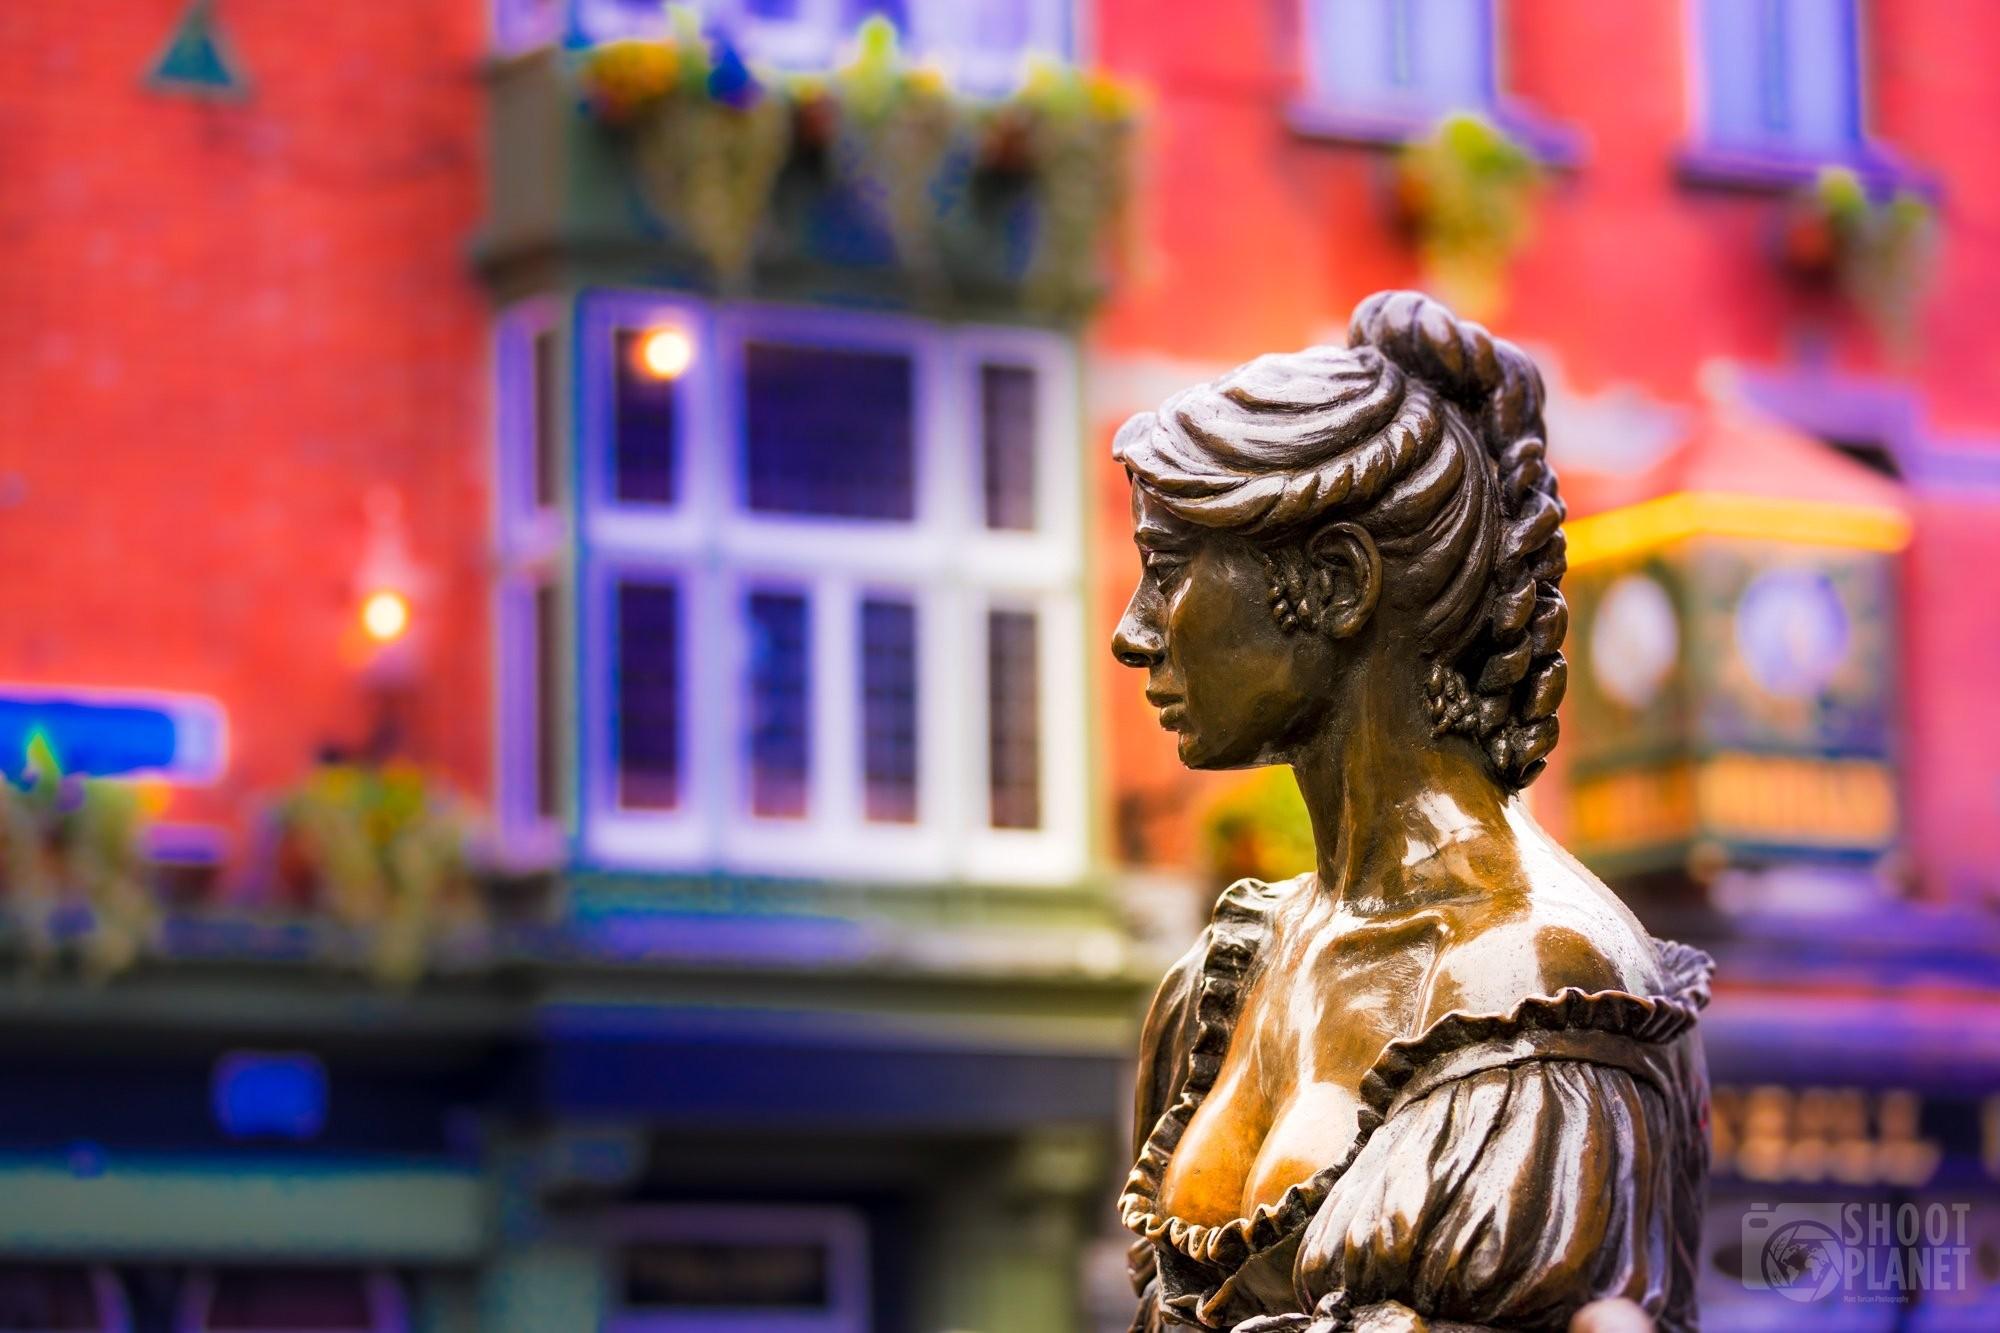 Molly Malone statue in Dublin Ireland